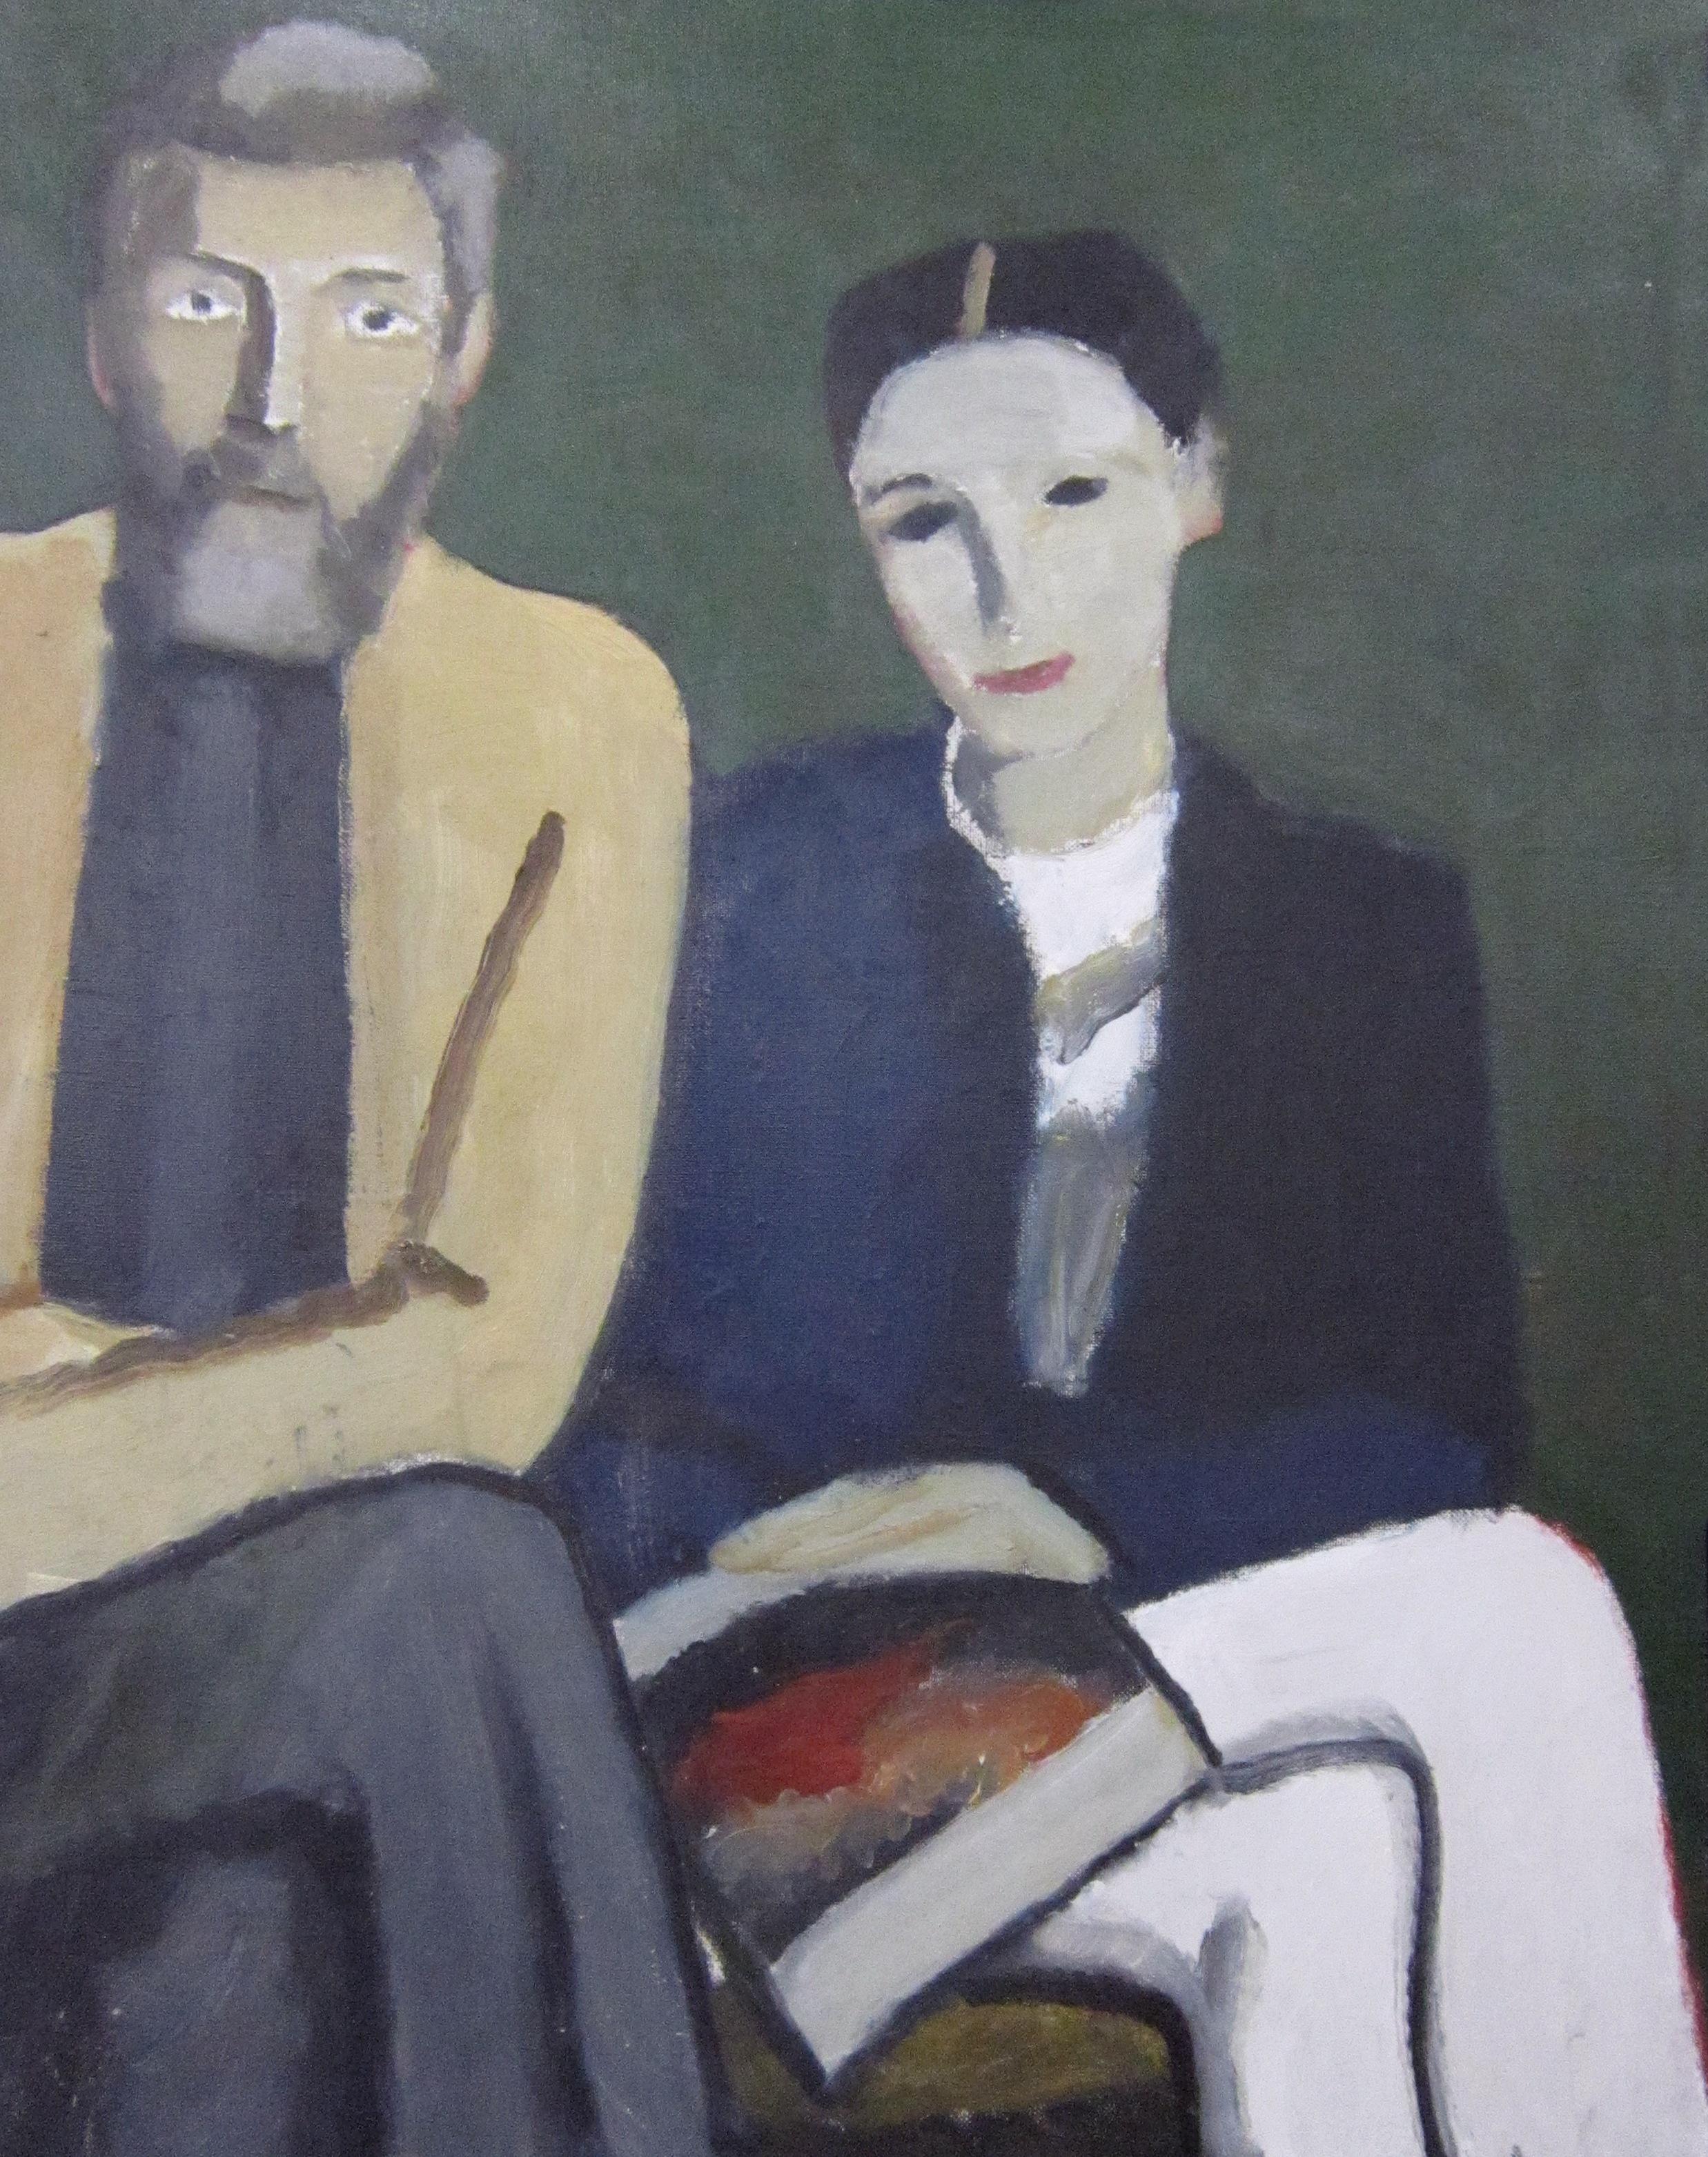 Тимофей Фёдорович Теряев (1919-2001 г.г.). Двойной портрет. 1992 год.